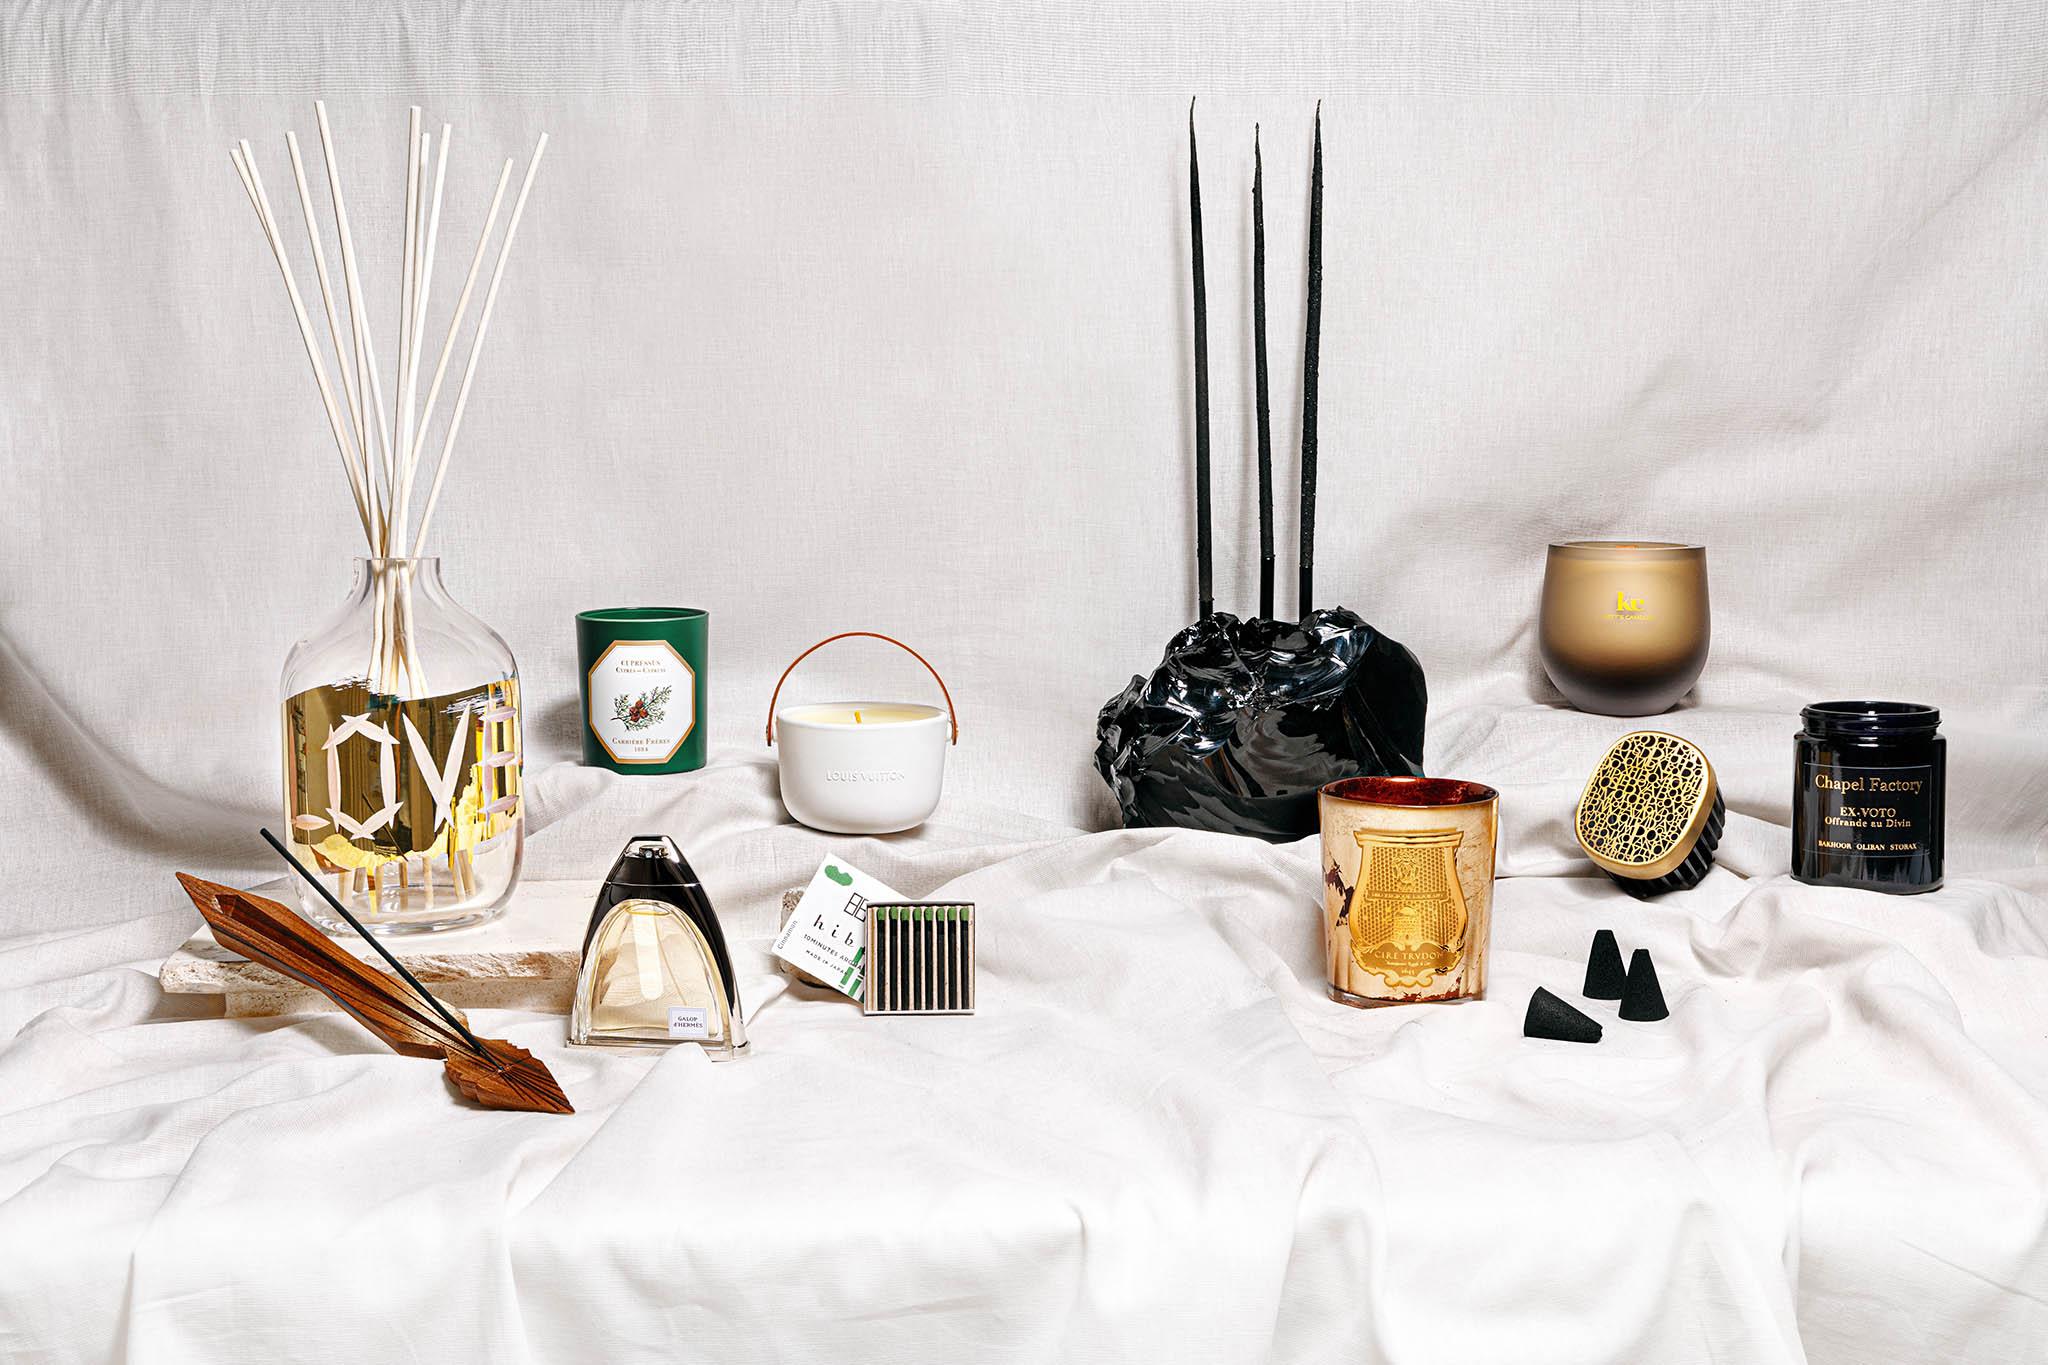 V levé polovině zleva: Vonné tyčinky Bon Voyage a stojánek z palisandru, prodává PIGMENTARIUM; Difuzér z kolekce Love Letter, prodává RÜCKL a MEADOWS; Svíčka Cypřiš od Carrière Frères, prodává VAVAVOOM; Parfém Galop d'Hermès, prodává HERMÈS; Svíčka Feuilles d'Or, prodává LOUIS VUITTON; Japonské vonné sirky Hibi, prodává NILA. V pravé polovině zleva: Svíčky z včelího vosku obalené v arabských vykuřovadlech, prodává APIS CANDELA; Černý skleněný svícen, prodává ELIŠKA MONSPORTOVÁ; Svíčka Gloria od Cire Trudon, prodává INGREDIENTS; Sójová svíčka s dřevěným knotem Gingerbread House, prodává KETT'S CANDLES; Difuzér do zásuvky Un Air od Diptyque, prodává INGREDIENTS; Františky Timeless Incense, prodává MEADOWS; Svíčka Ex-Voto od Chapel Factory, prodává MYSKINO.